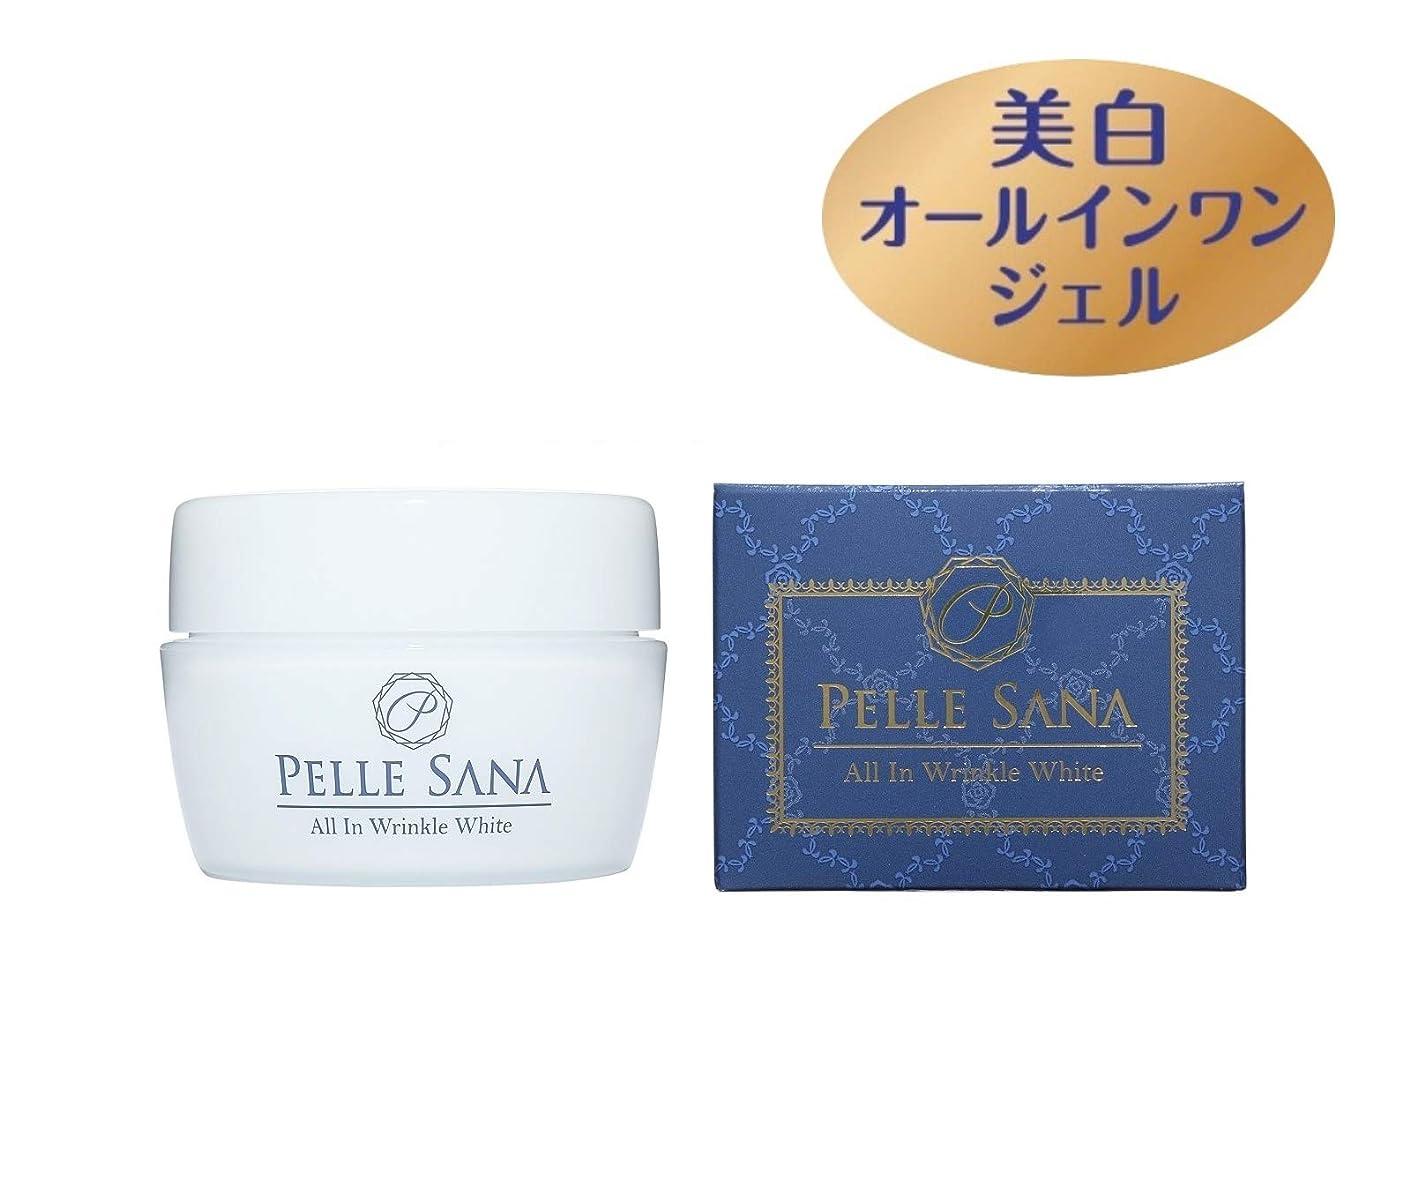 カップメインペストリー【薬用オールインワンジェル】PELLE SANA ペレサナ 美白×シミ(All In Winkle White) 100g